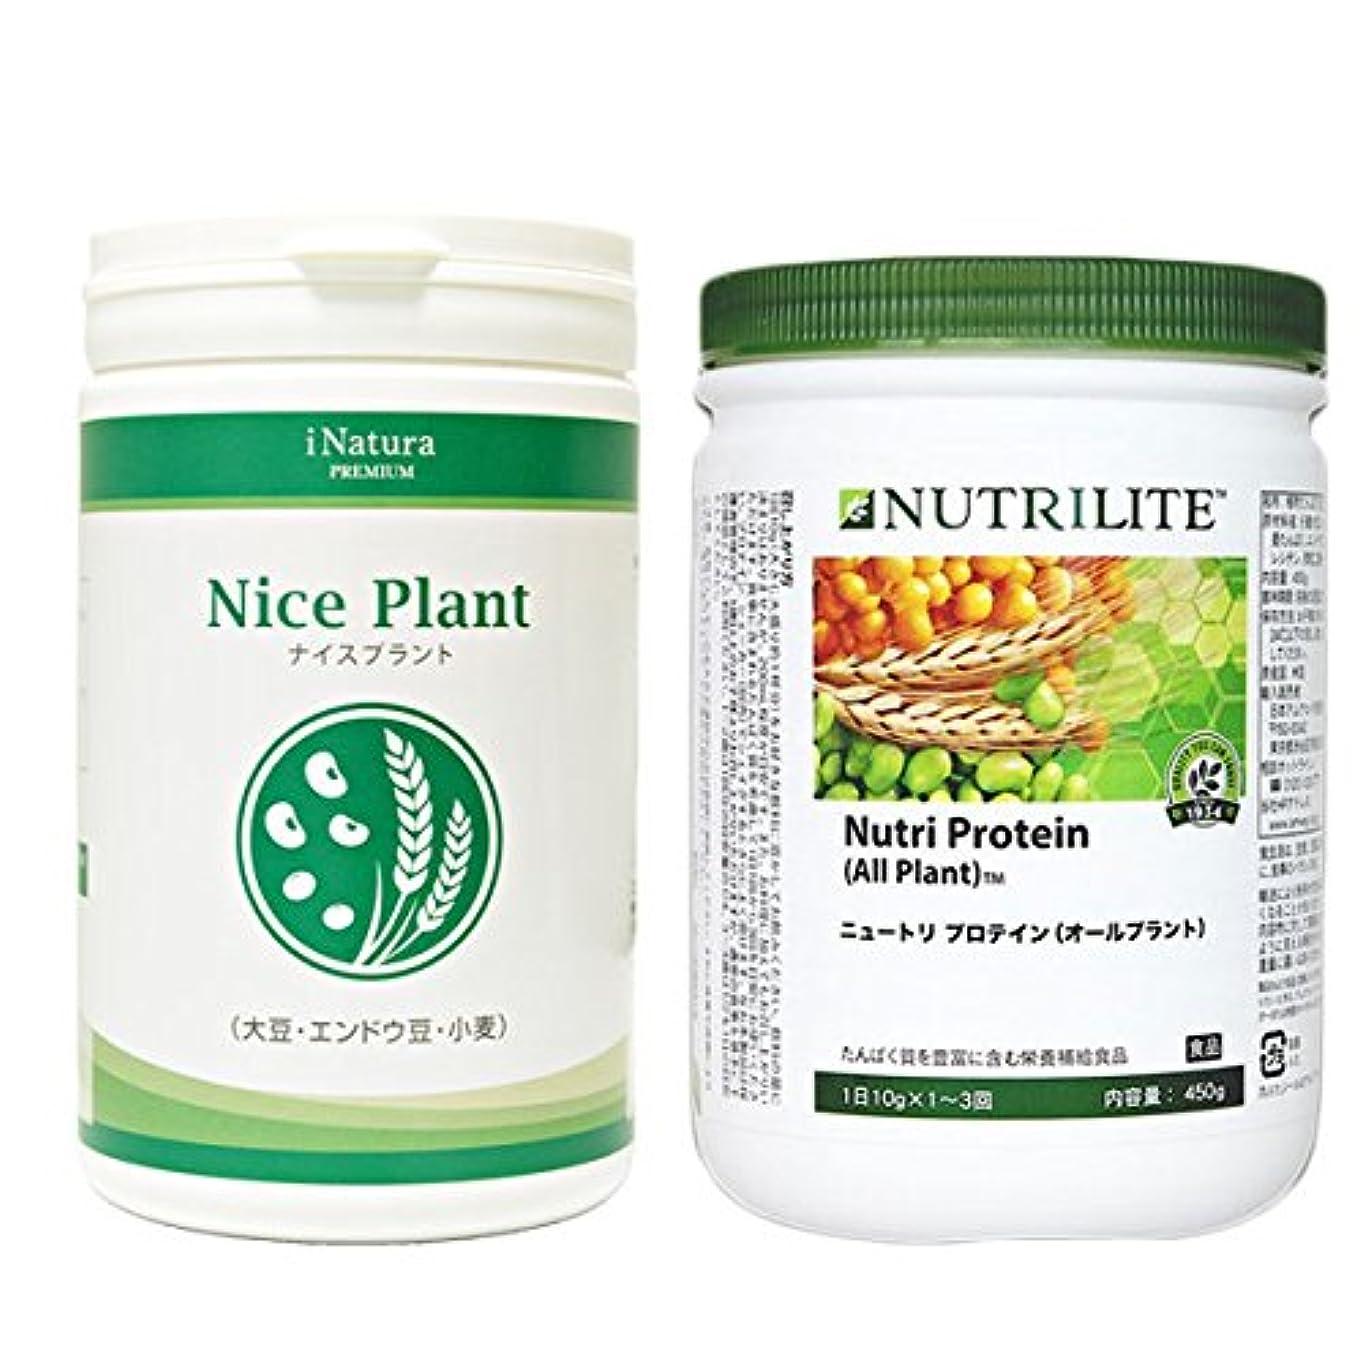 したいベテラン免疫アイナチュラ ナイスプラント + ニュートリ プロテイン(オールプラント)